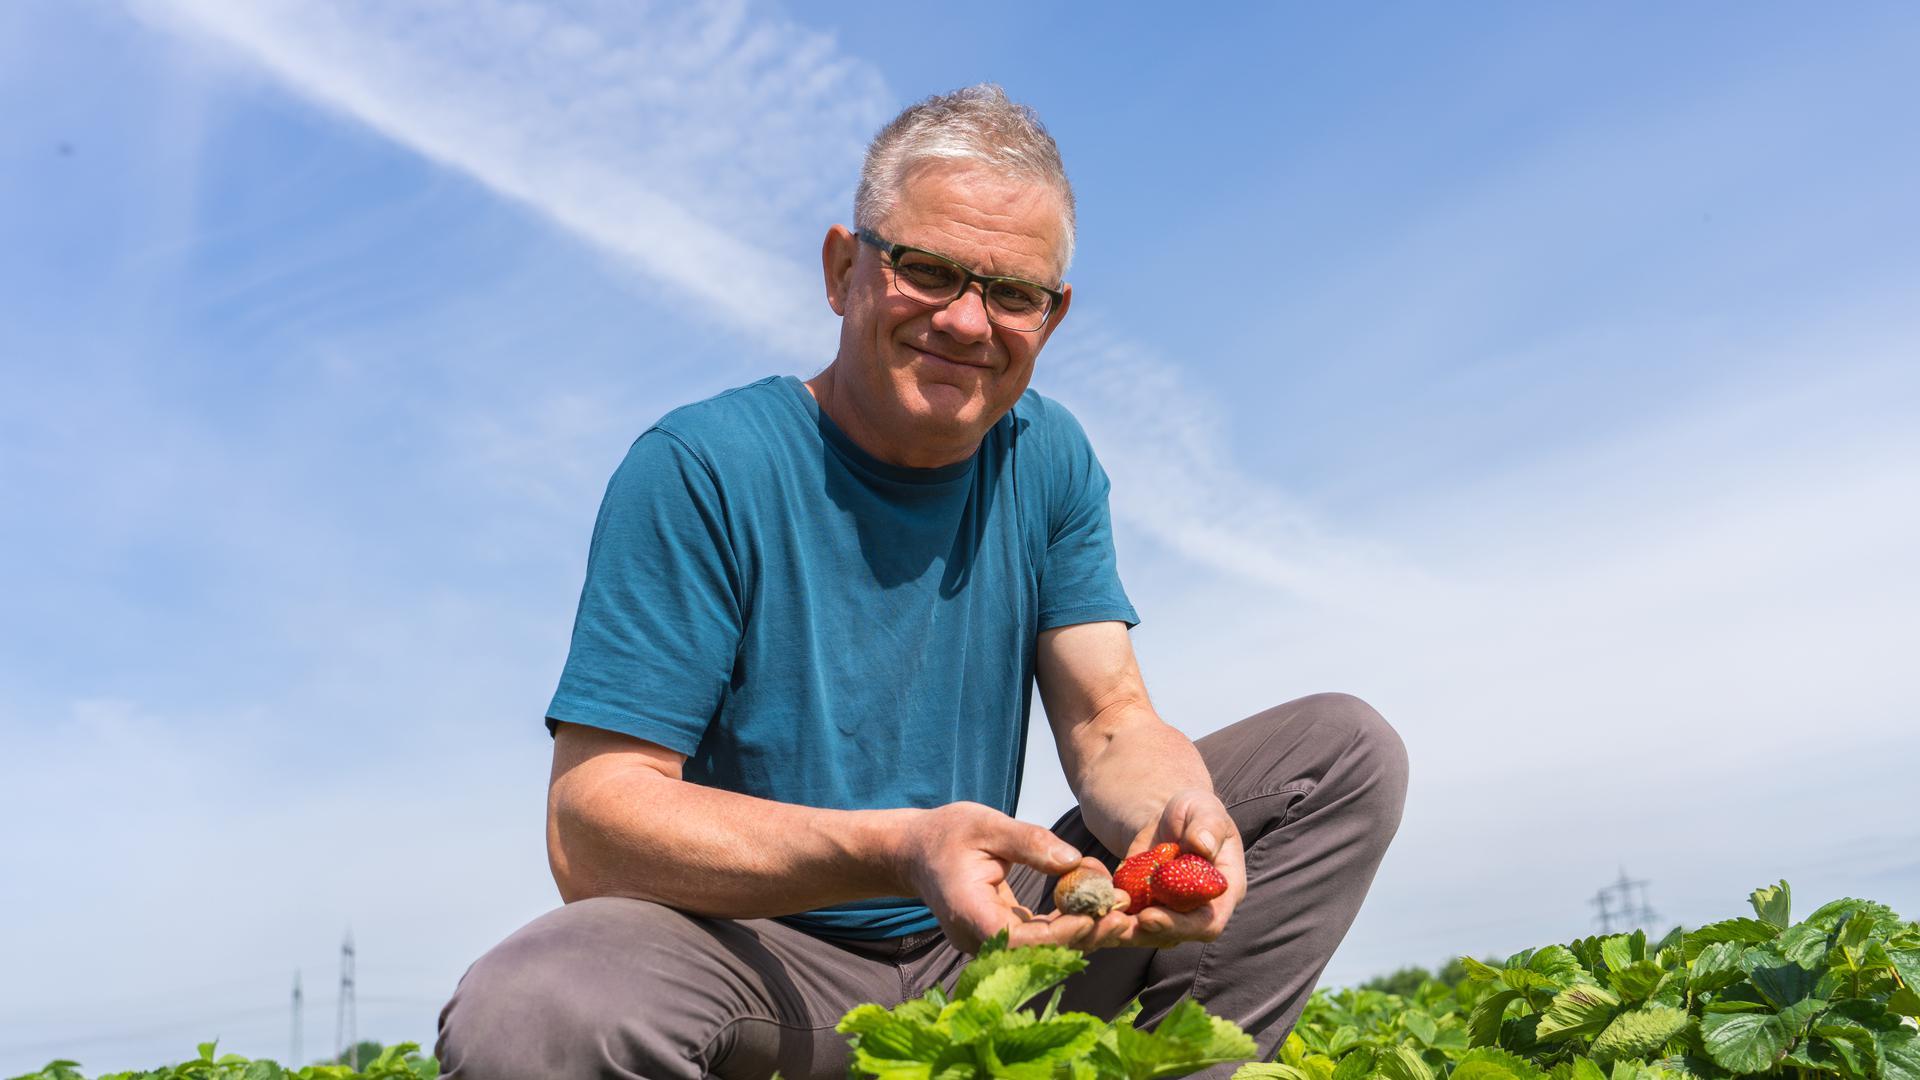 Erdbeerernte: Frank Späth vom Wagshurster Biohof Späth auf seinem Feld